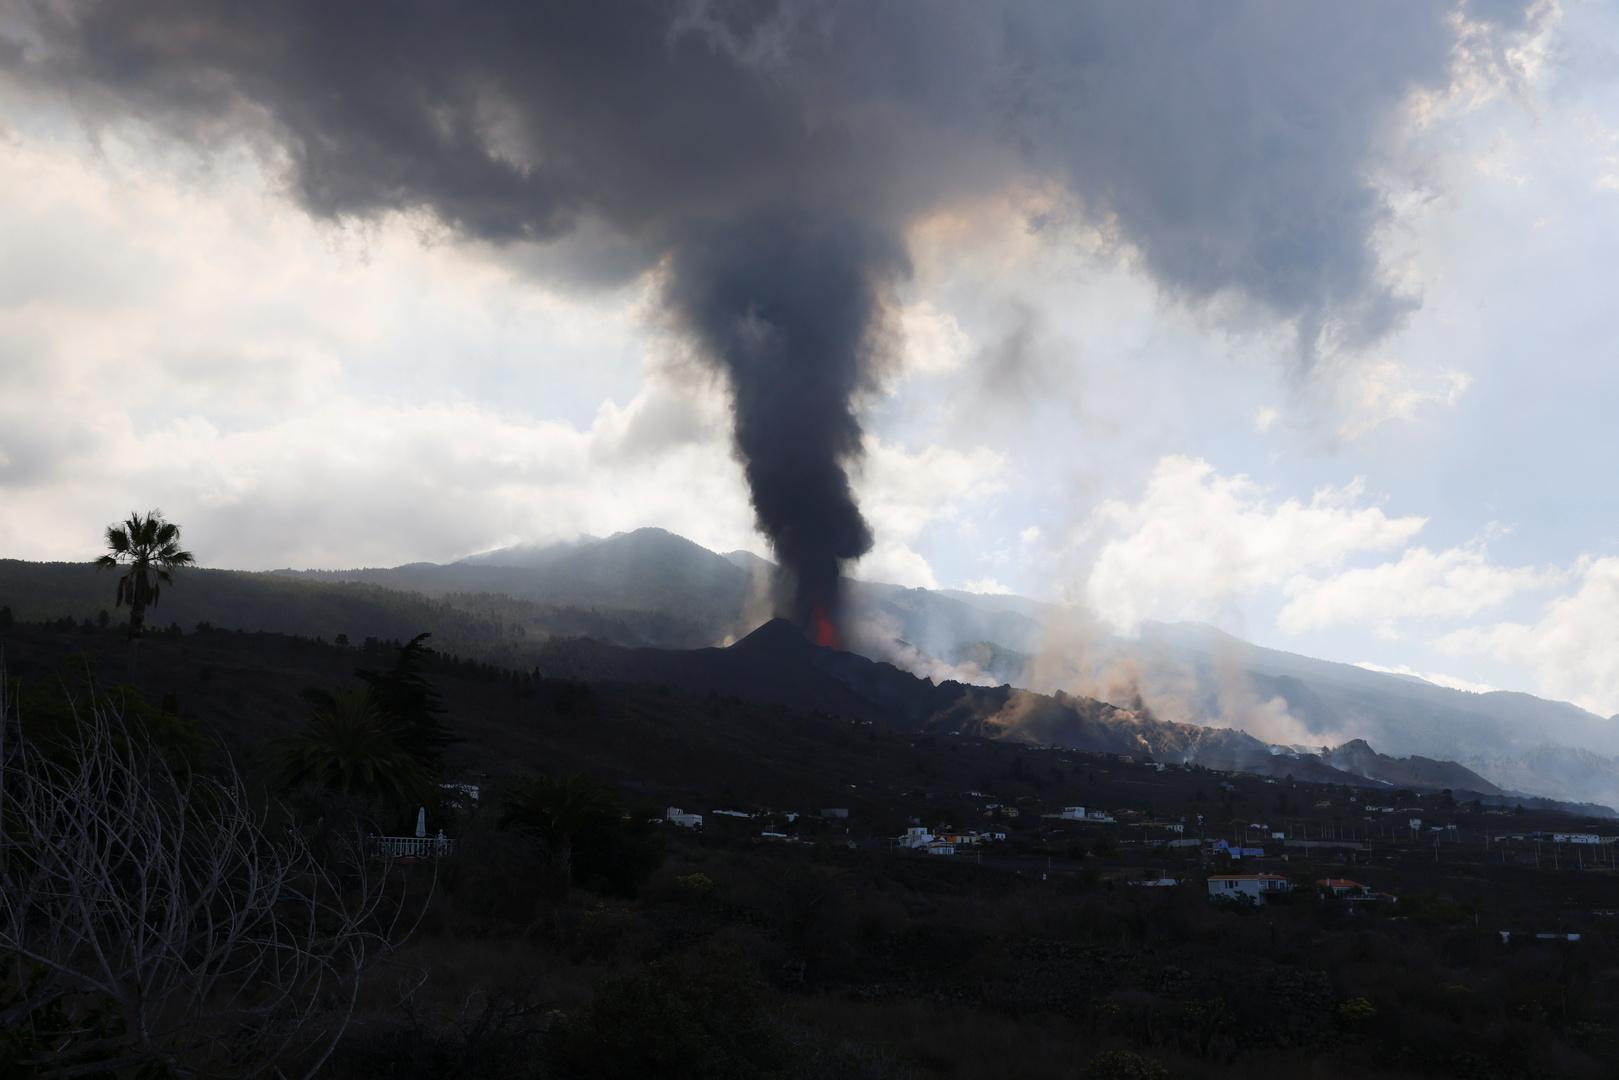 ثوران البركان في جزيرة لا بالما الإسبانية